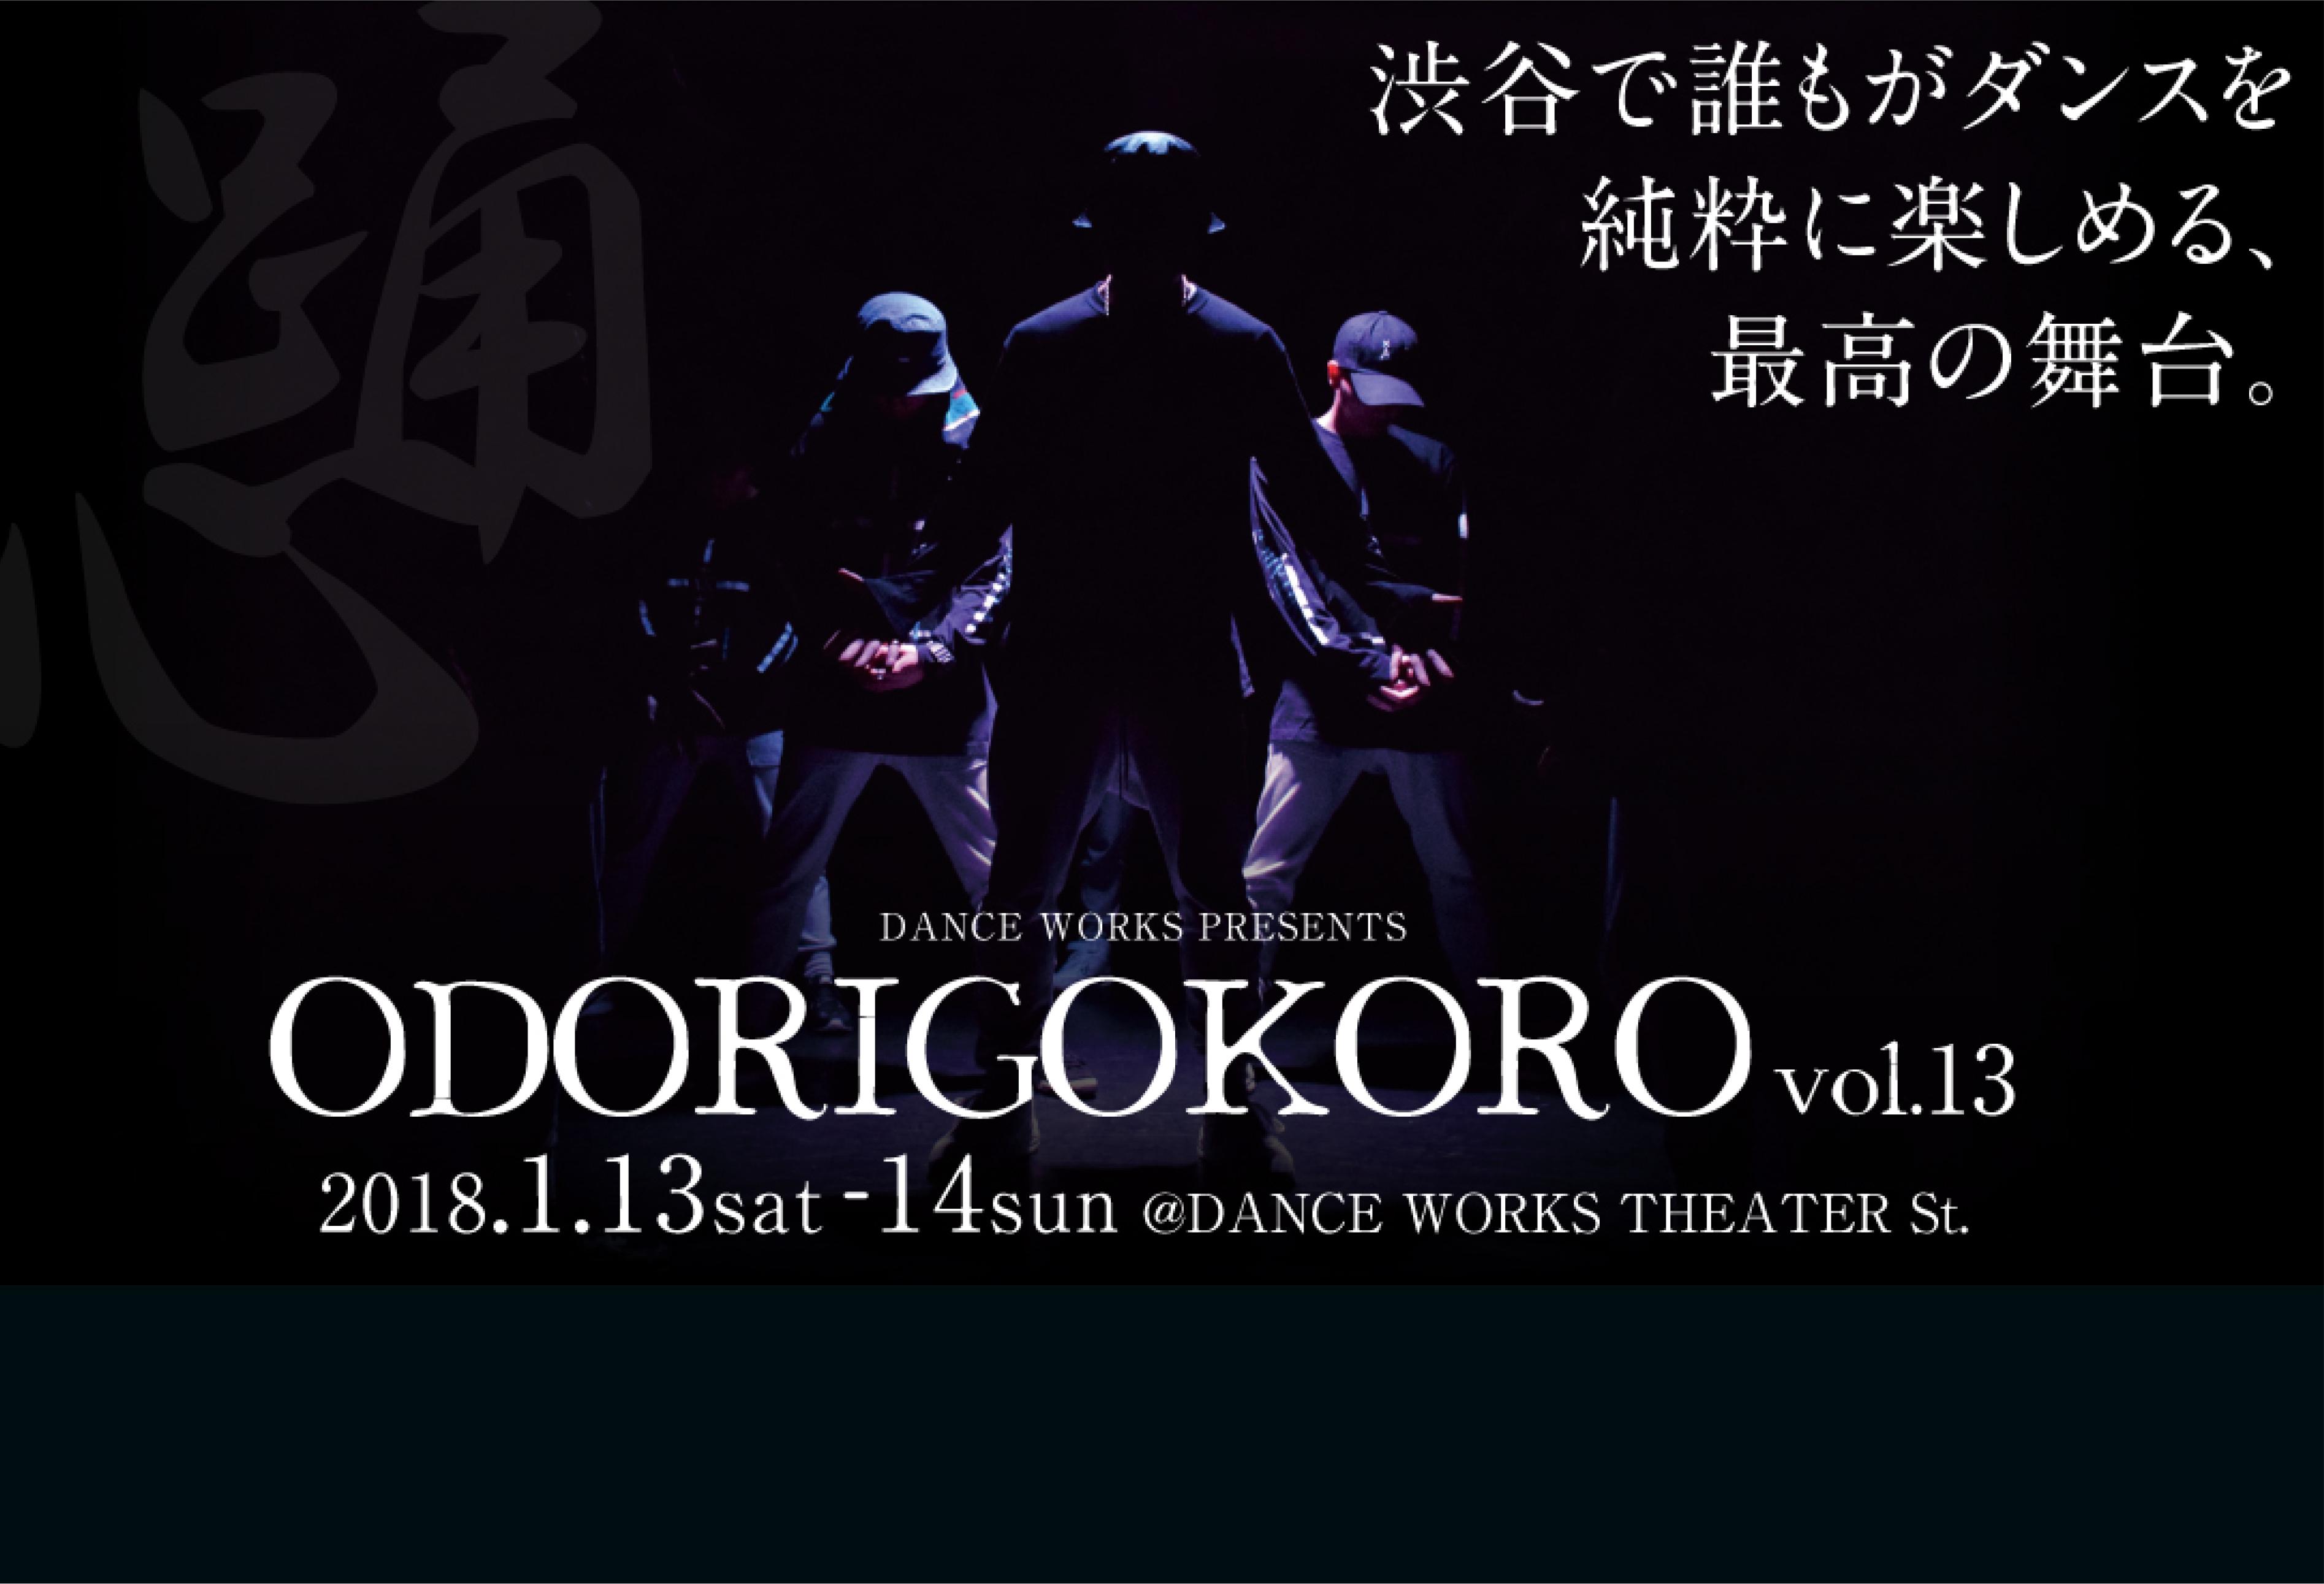 """最高にダンスが楽しめる舞台!!人が、ダンスが輝く""""ODORIGOKORO Vol.13″!!"""